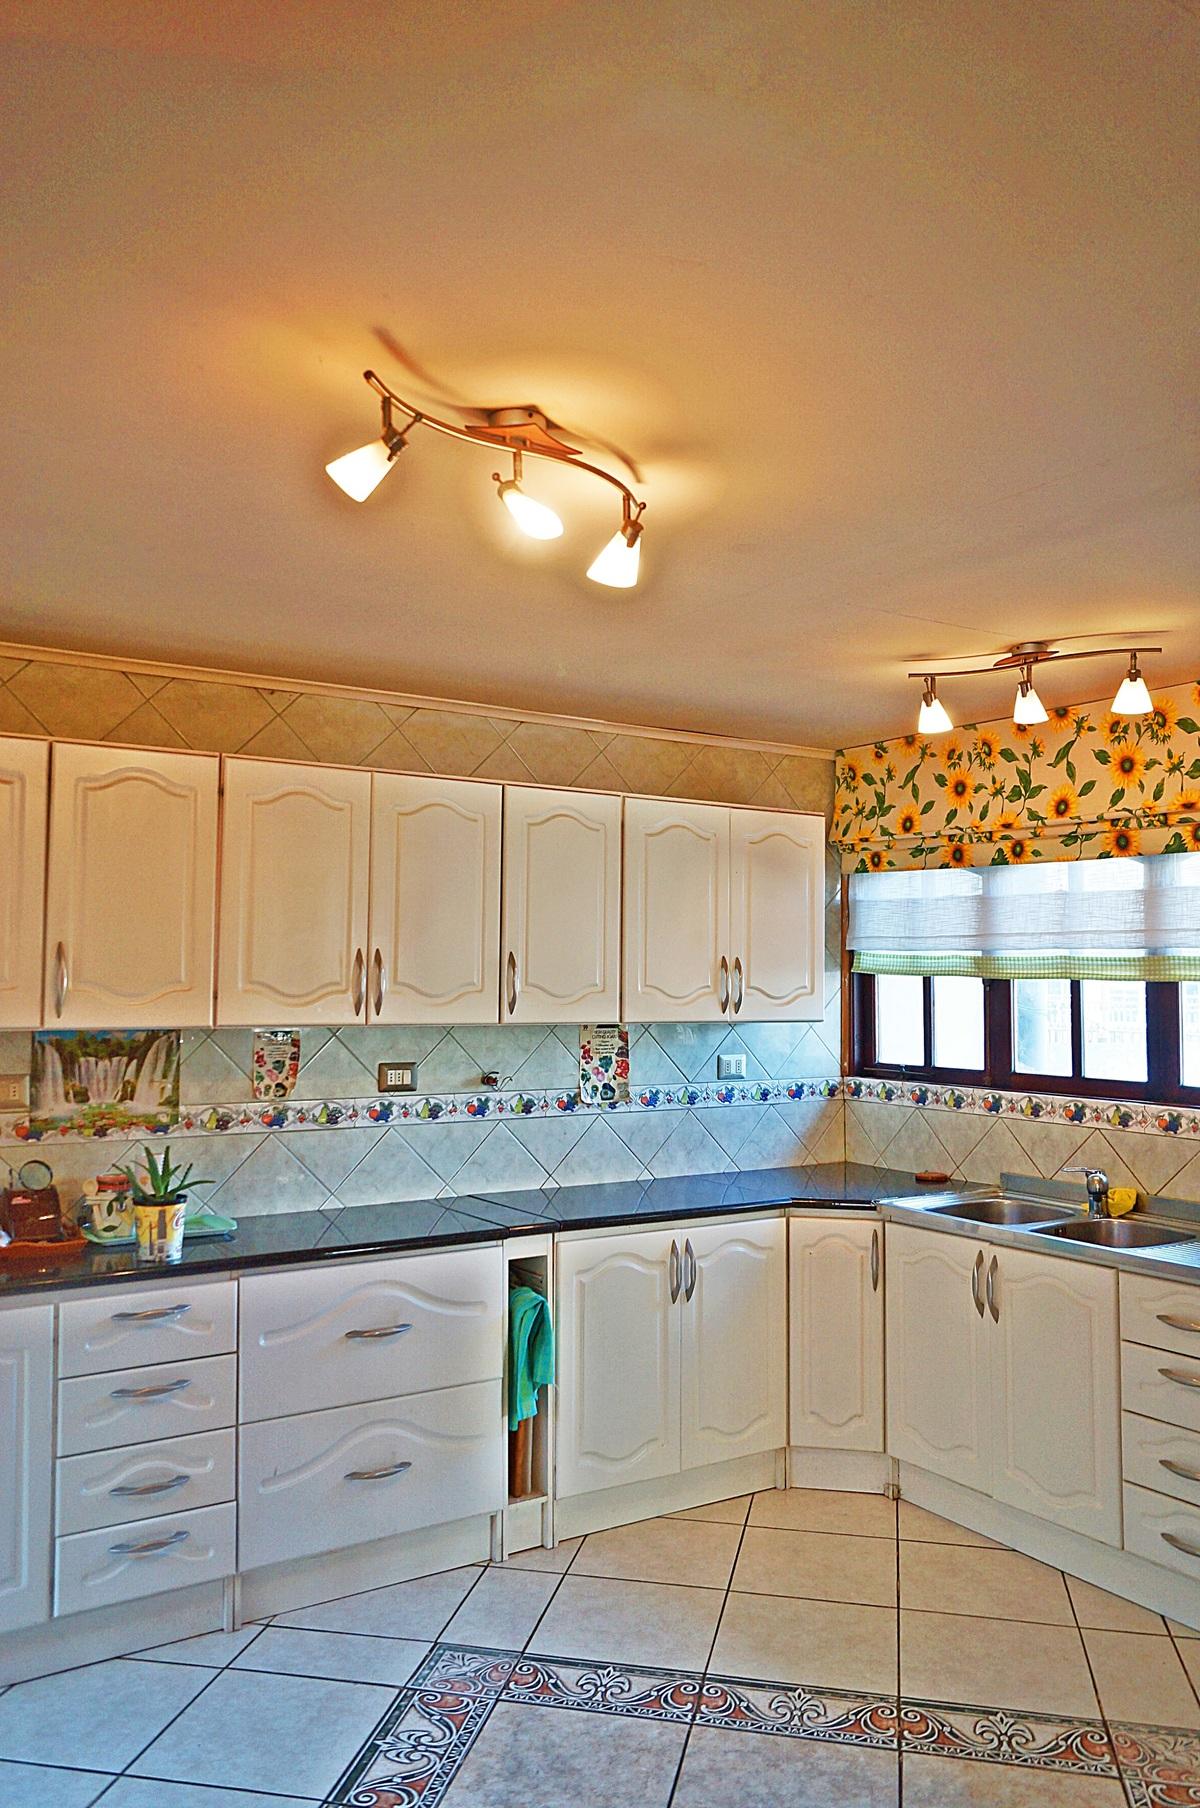 Muebles De Cocina A Medida Punta Arenas Ocinel Com # Muebles Lenga Punta Arenas